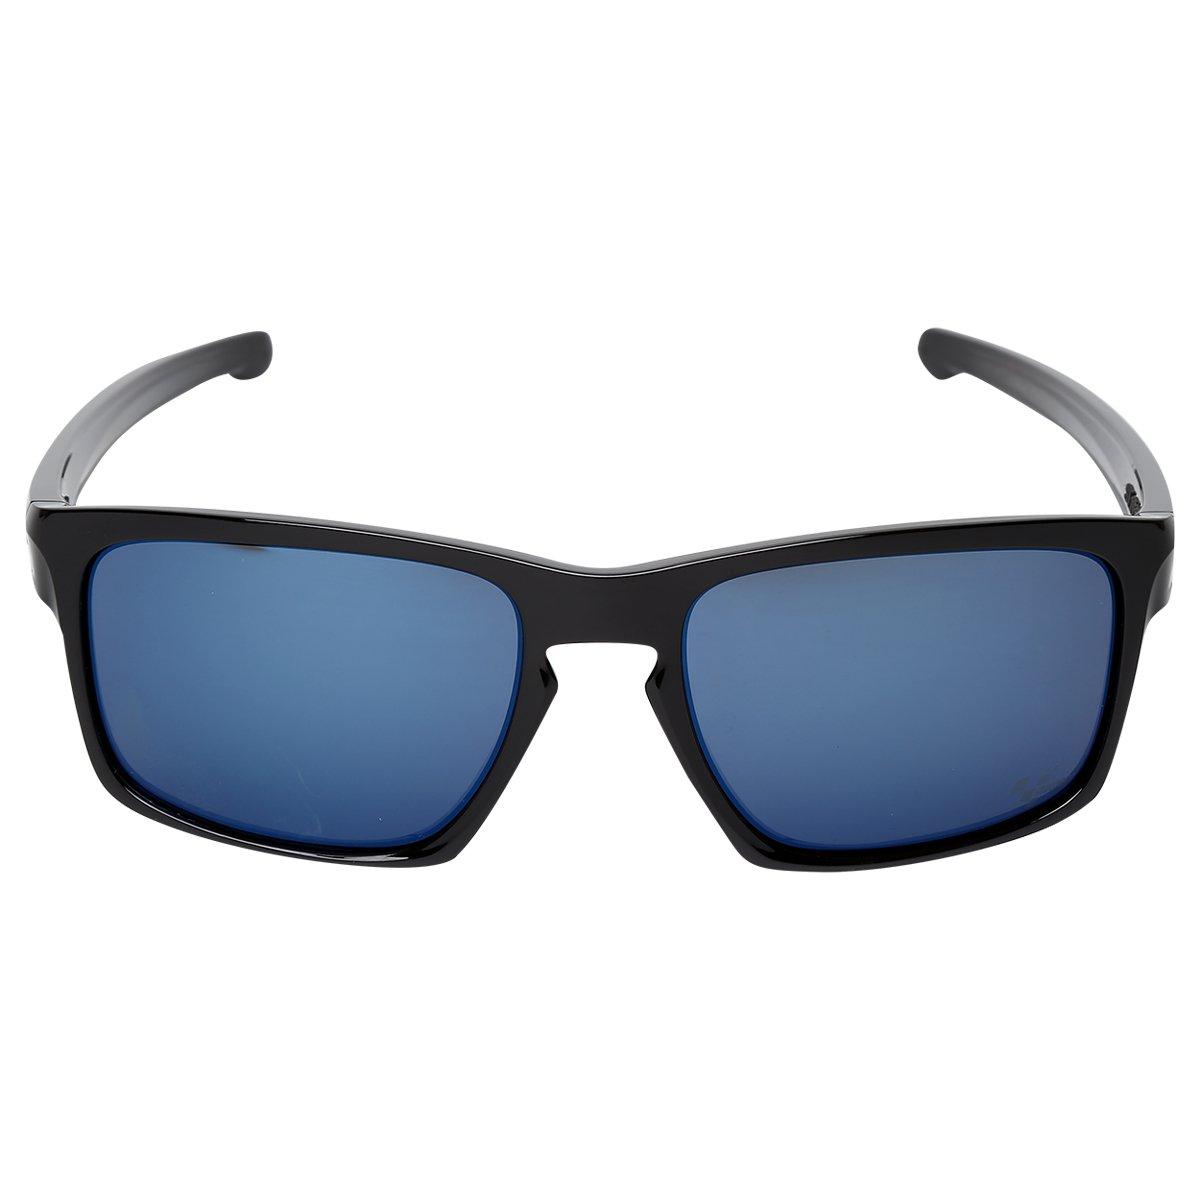 6fc0d3c7262d2 Óculos Oakley Sliver - Preto e Azul - Compre Agora   Netshoes